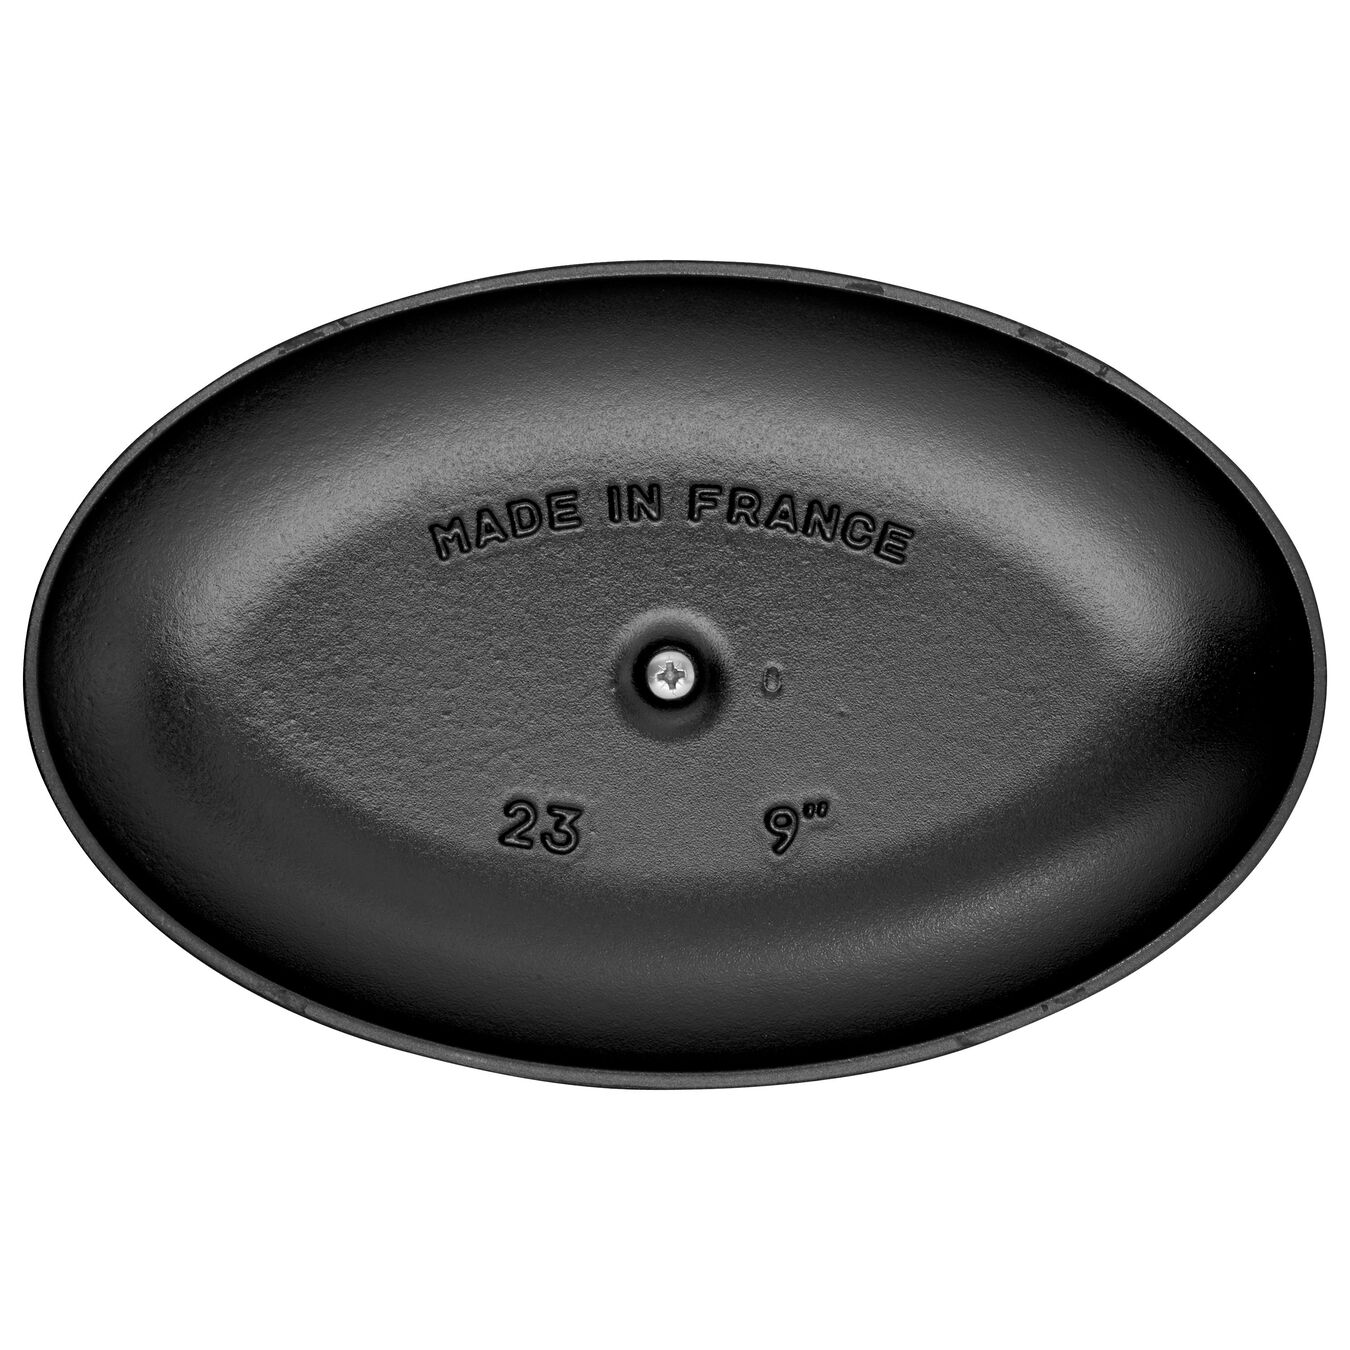 La Coquette 23 cm, Ovale, Noir,,large 3